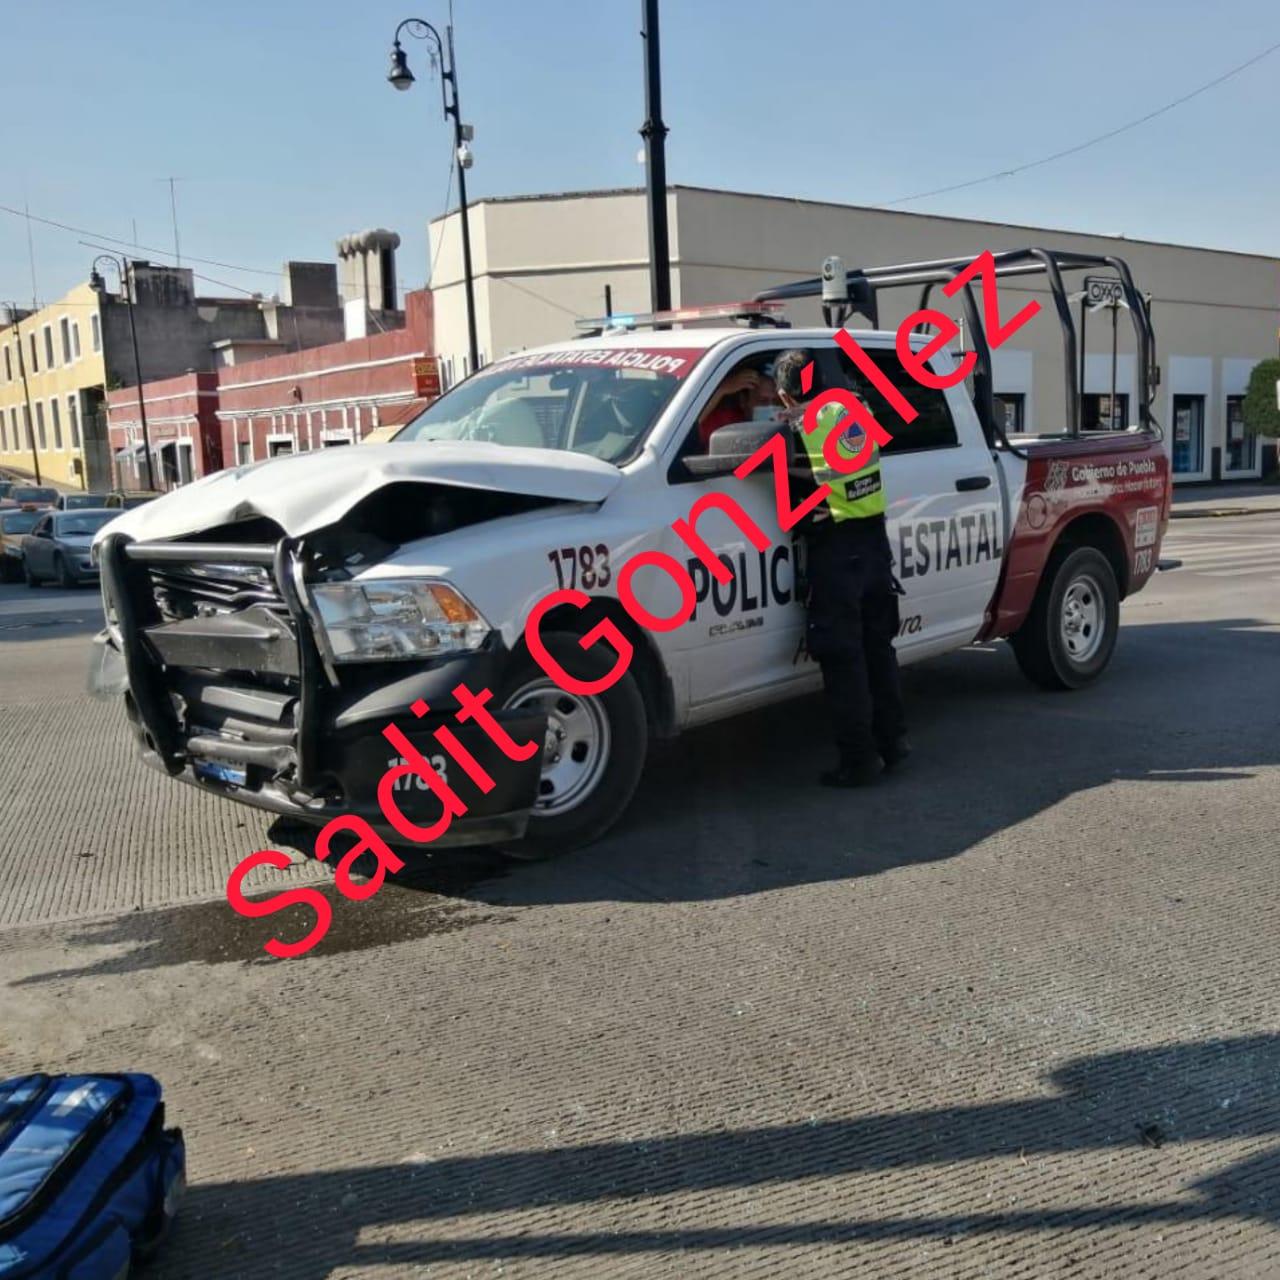 En dos hechos distintos patrullas estatales protagonizan choque vehicular, las dos en el Boulevard 5 de Mayo